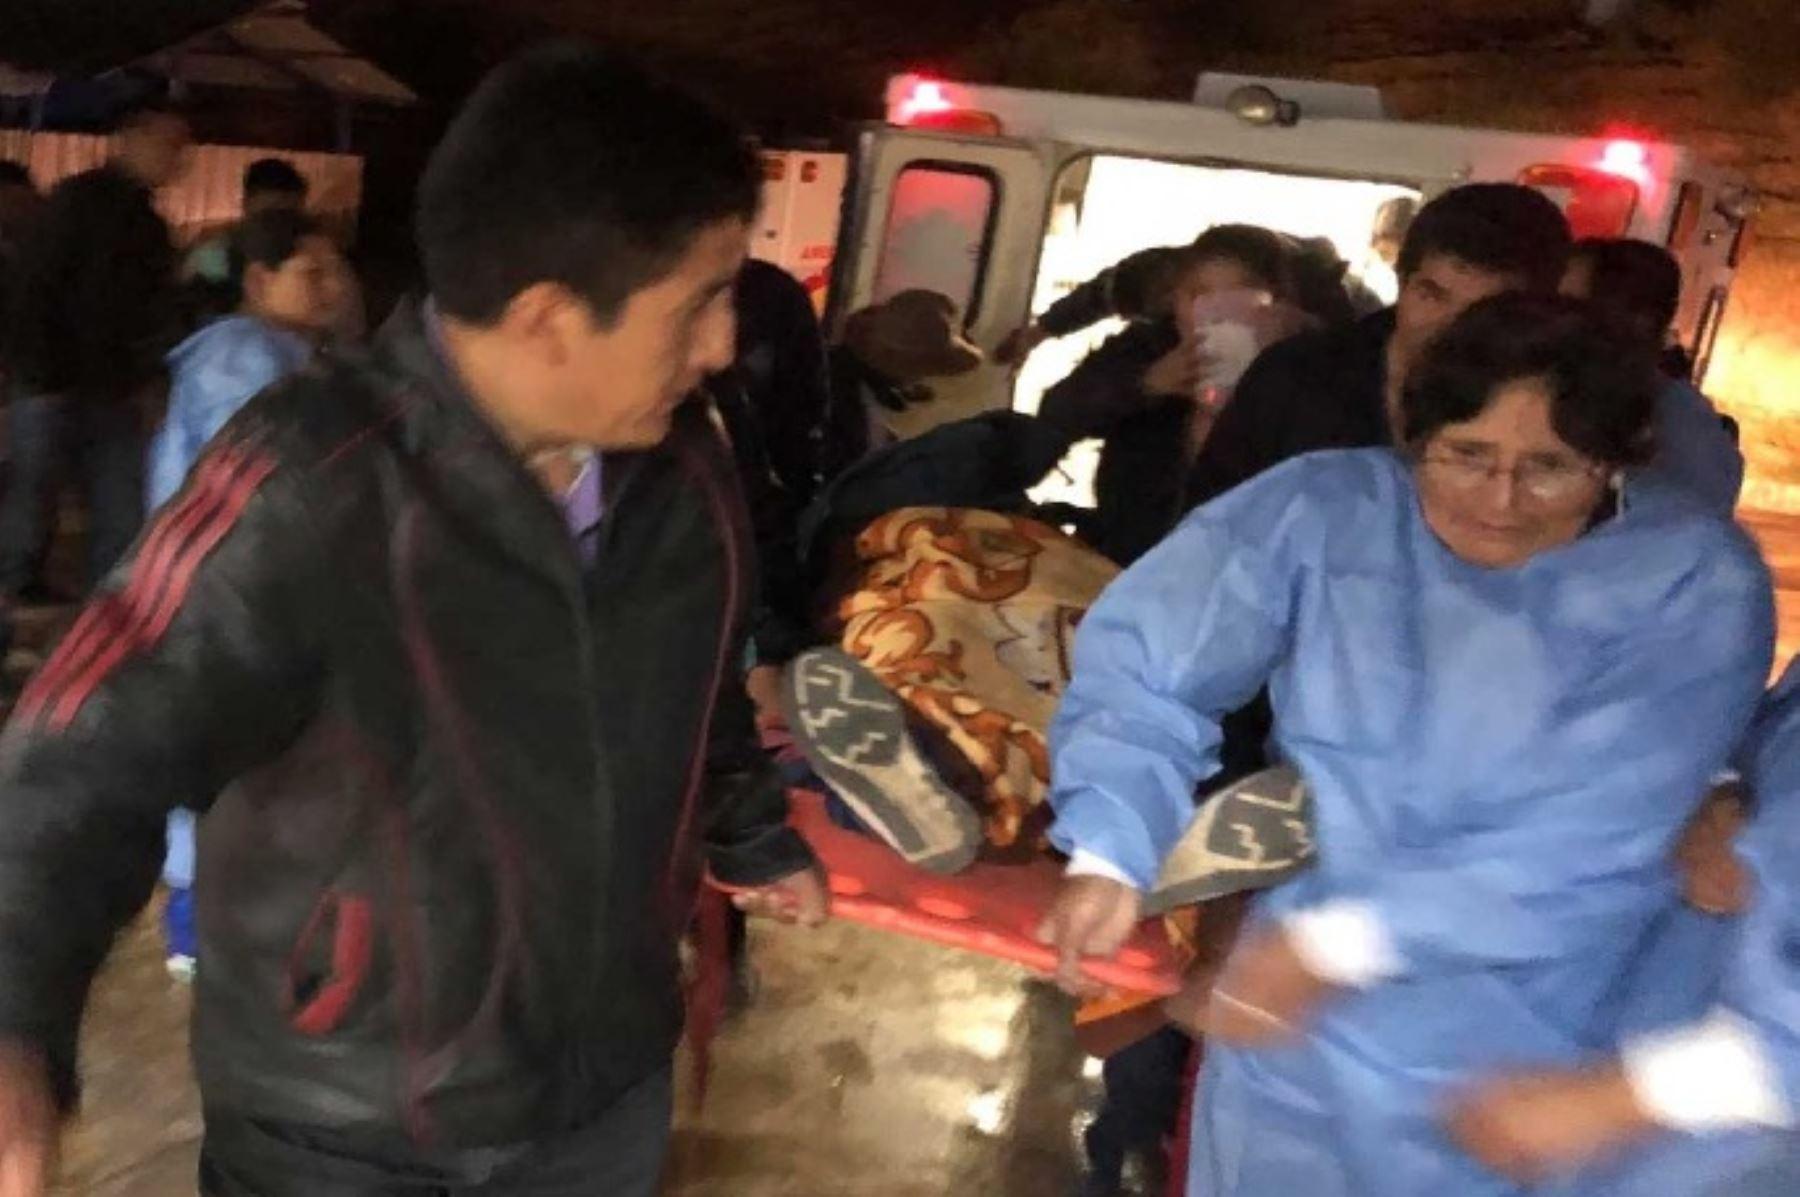 Una mujer murió y otras dos personas resultaron heridas en un accidente de tránsito ocurrido hoy en la vía de penetración Patilvia – Huaraz, a la altura del distrito de Cátac; en la región Áncash, confirmó la Policía local.